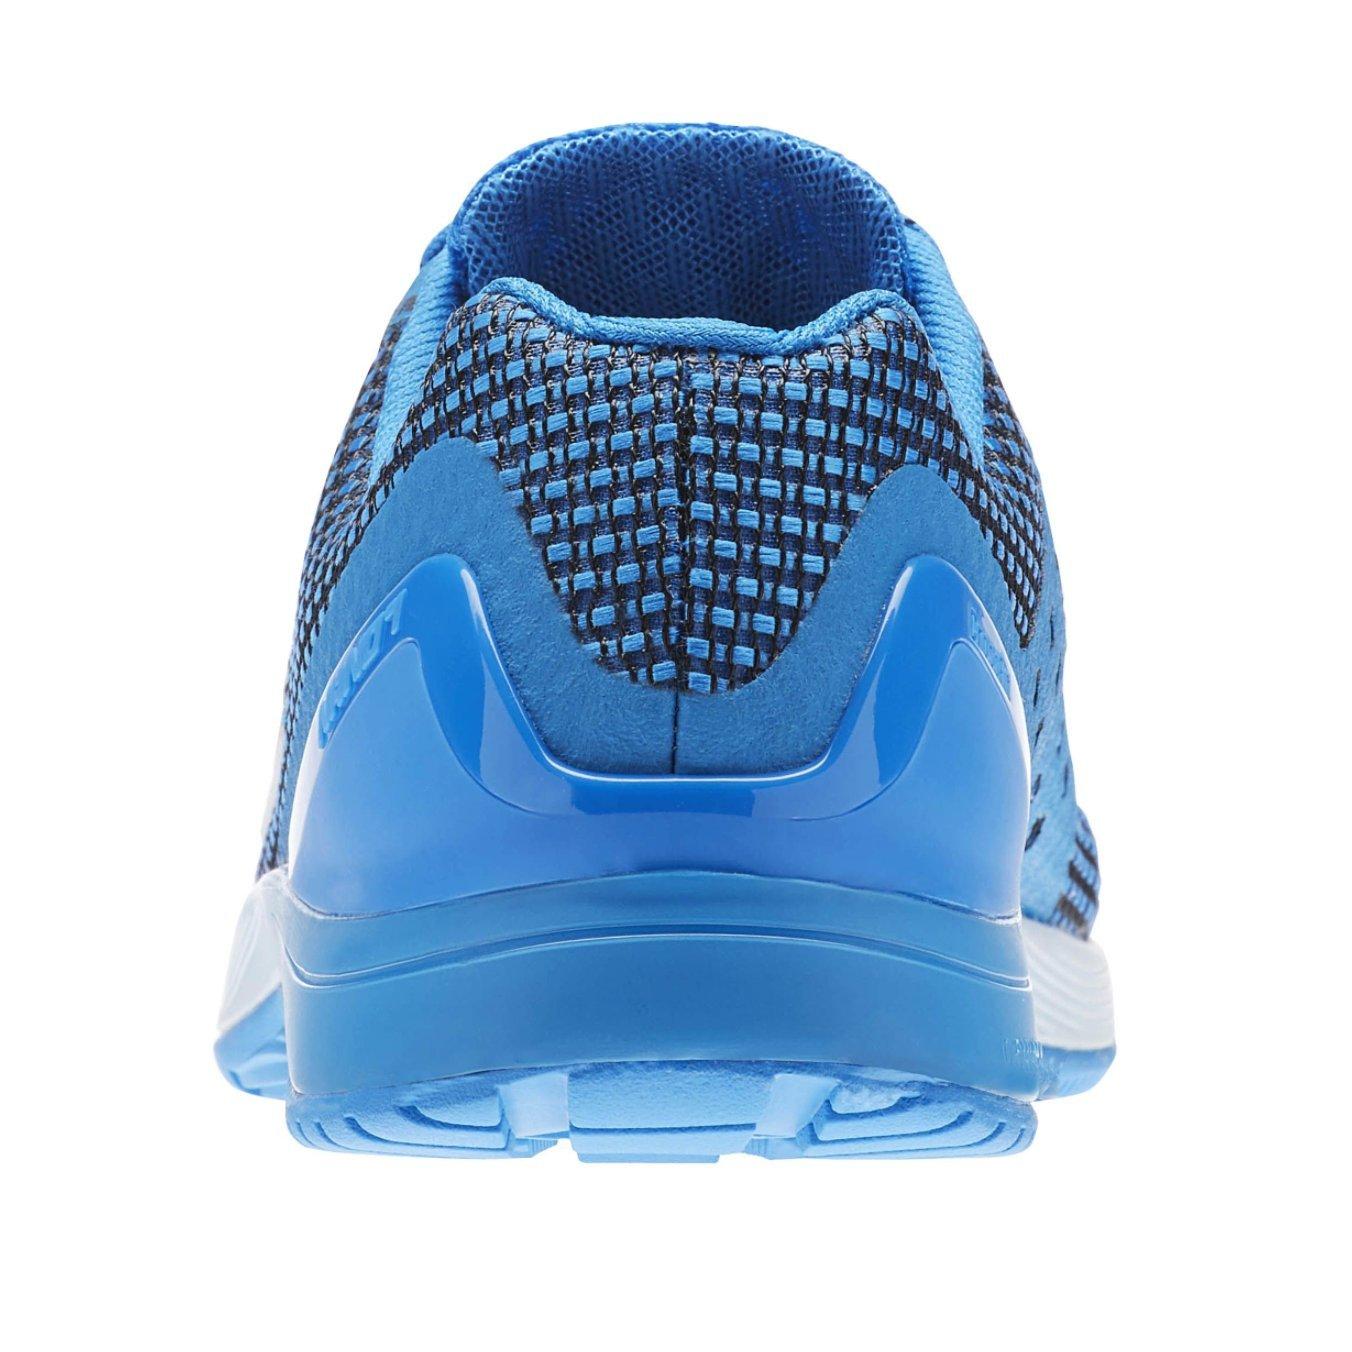 Reebok Women's B076C8GN83 Crossfit Nano 7.0 Track Shoe B076C8GN83 Women's 10 B(M) US|Blue/Black/Silver/White 27fd2a